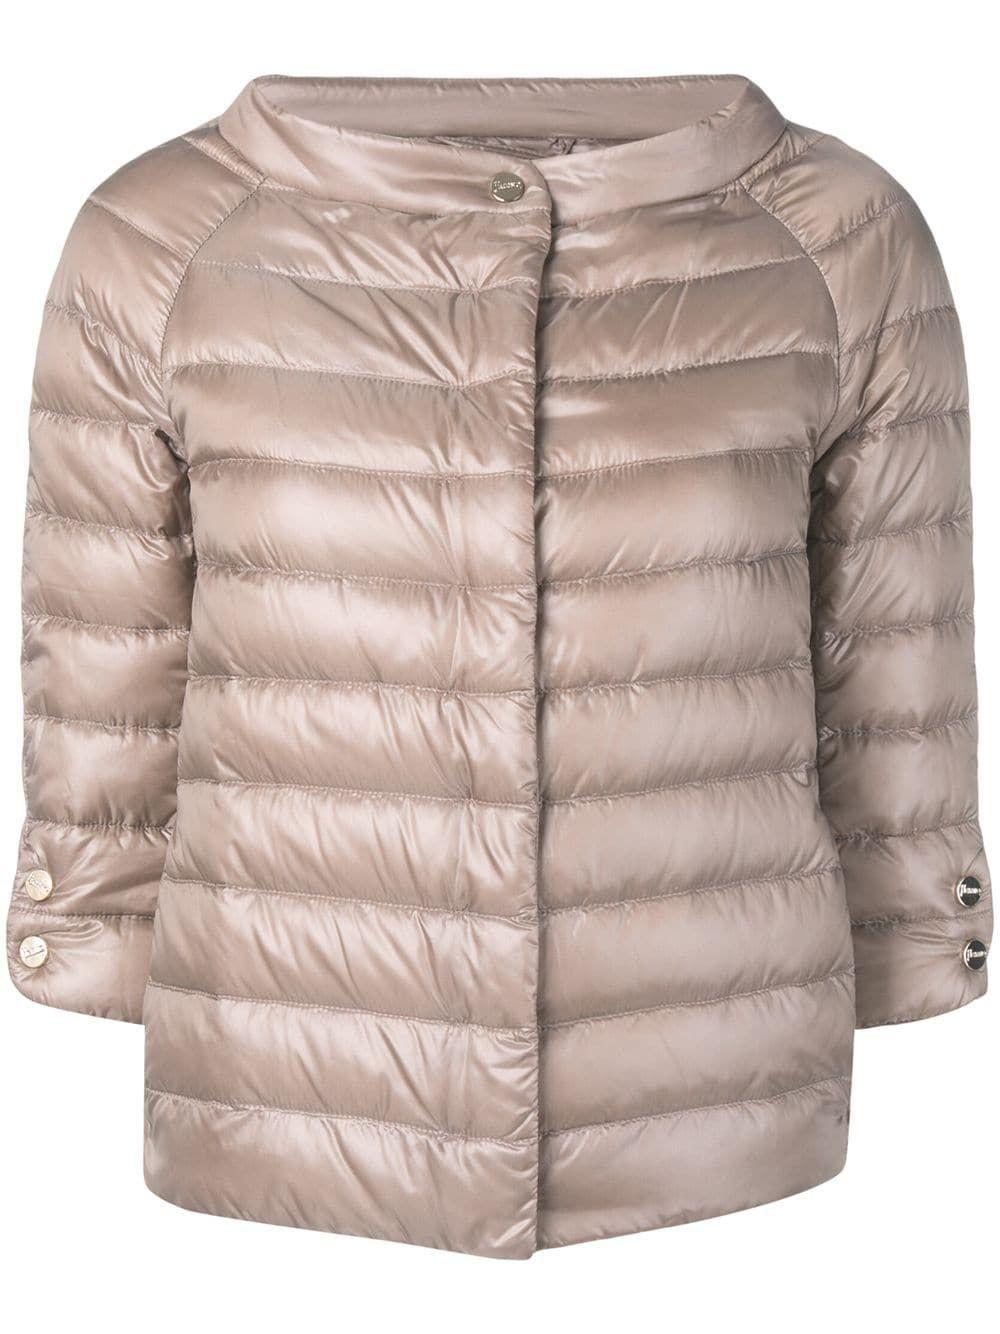 Herno 34 Sleeve Padded Jacket | Padded jacket, Jackets, Herno